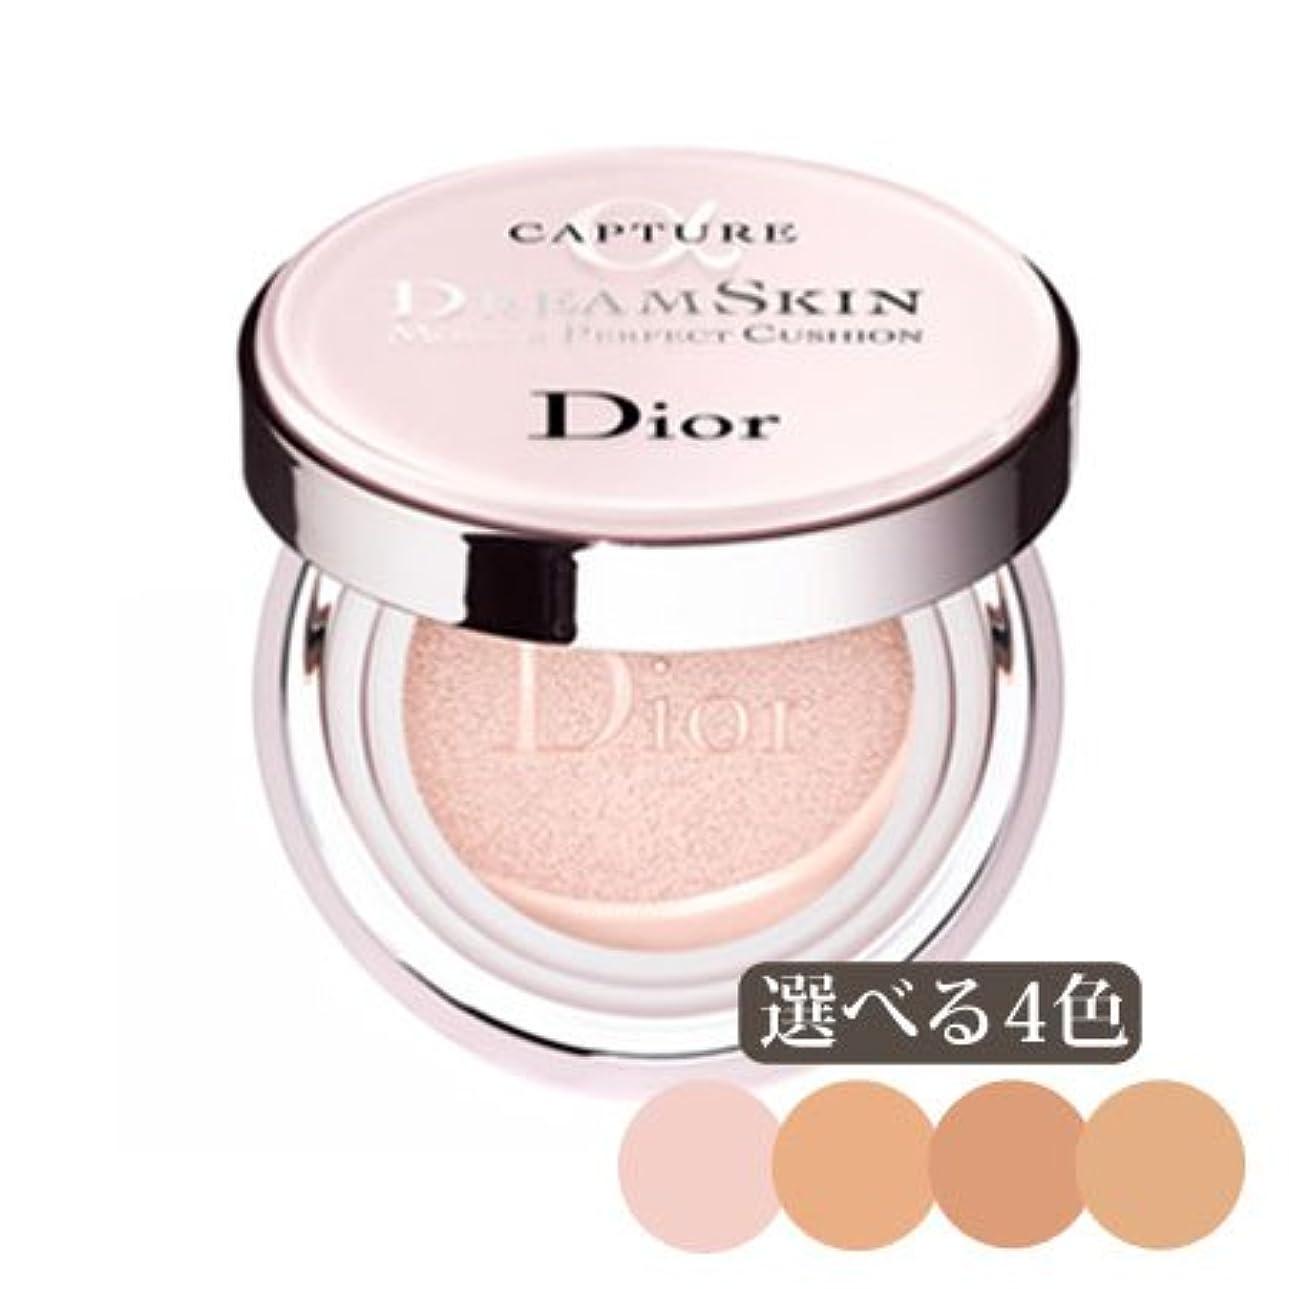 シーサイド生態学無謀ディオール カプチュール ドリームスキン モイスト クッション 選べる4色 -Dior- 012